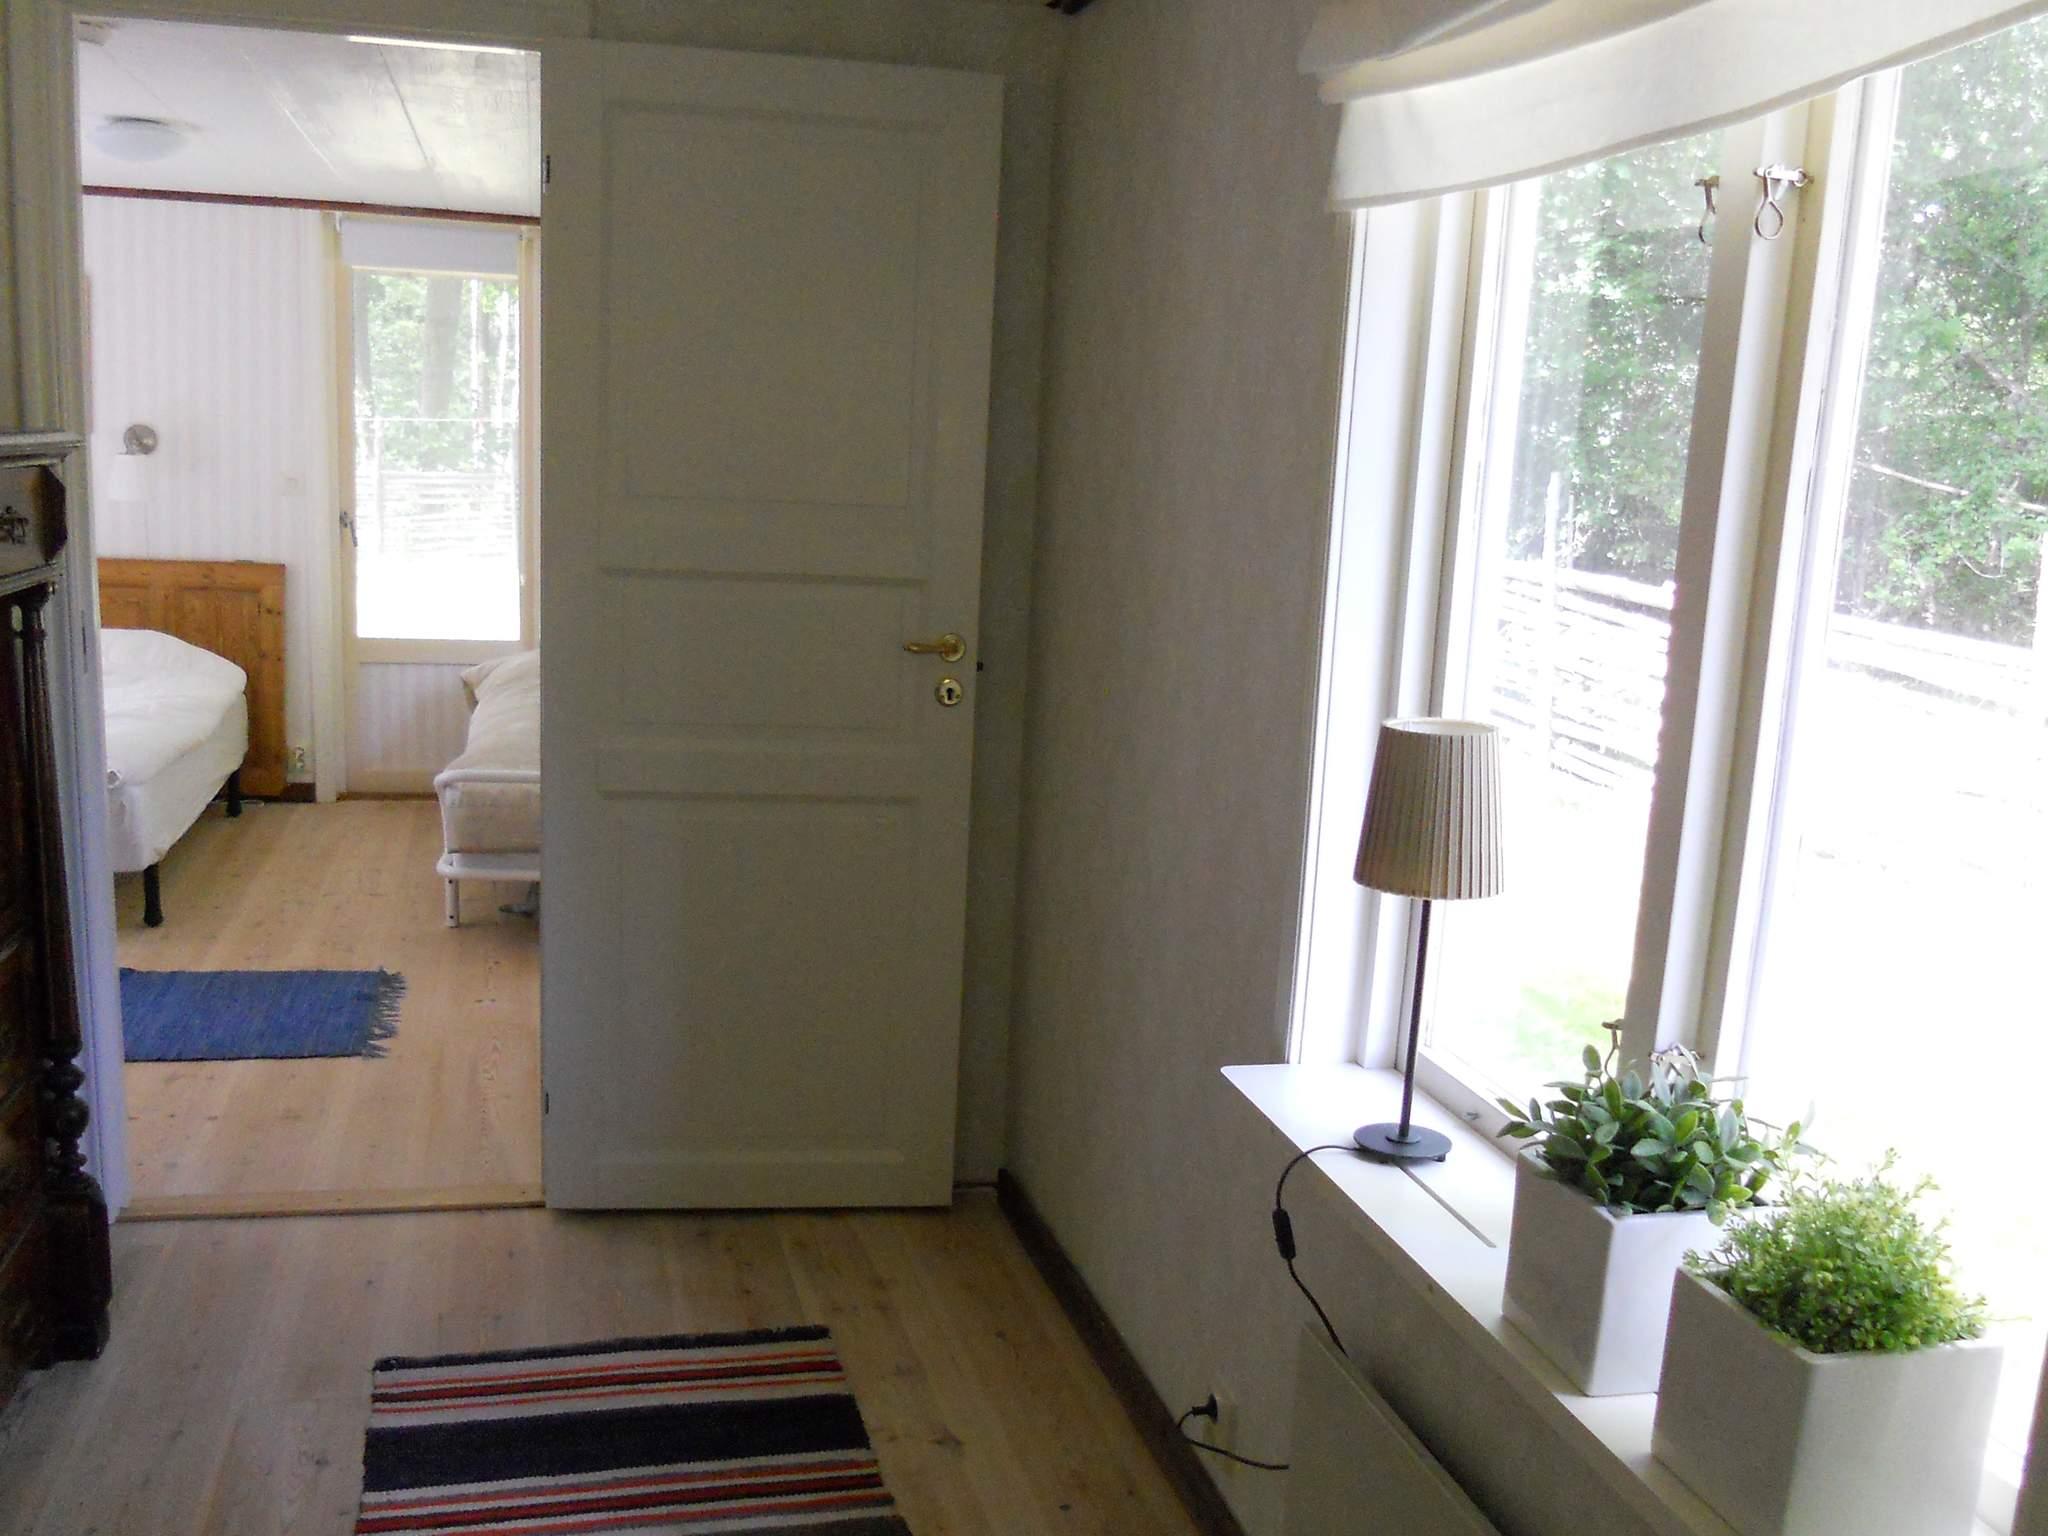 Ferienhaus Gullabo (491994), Gullabo, Kalmar län, Südschweden, Schweden, Bild 4